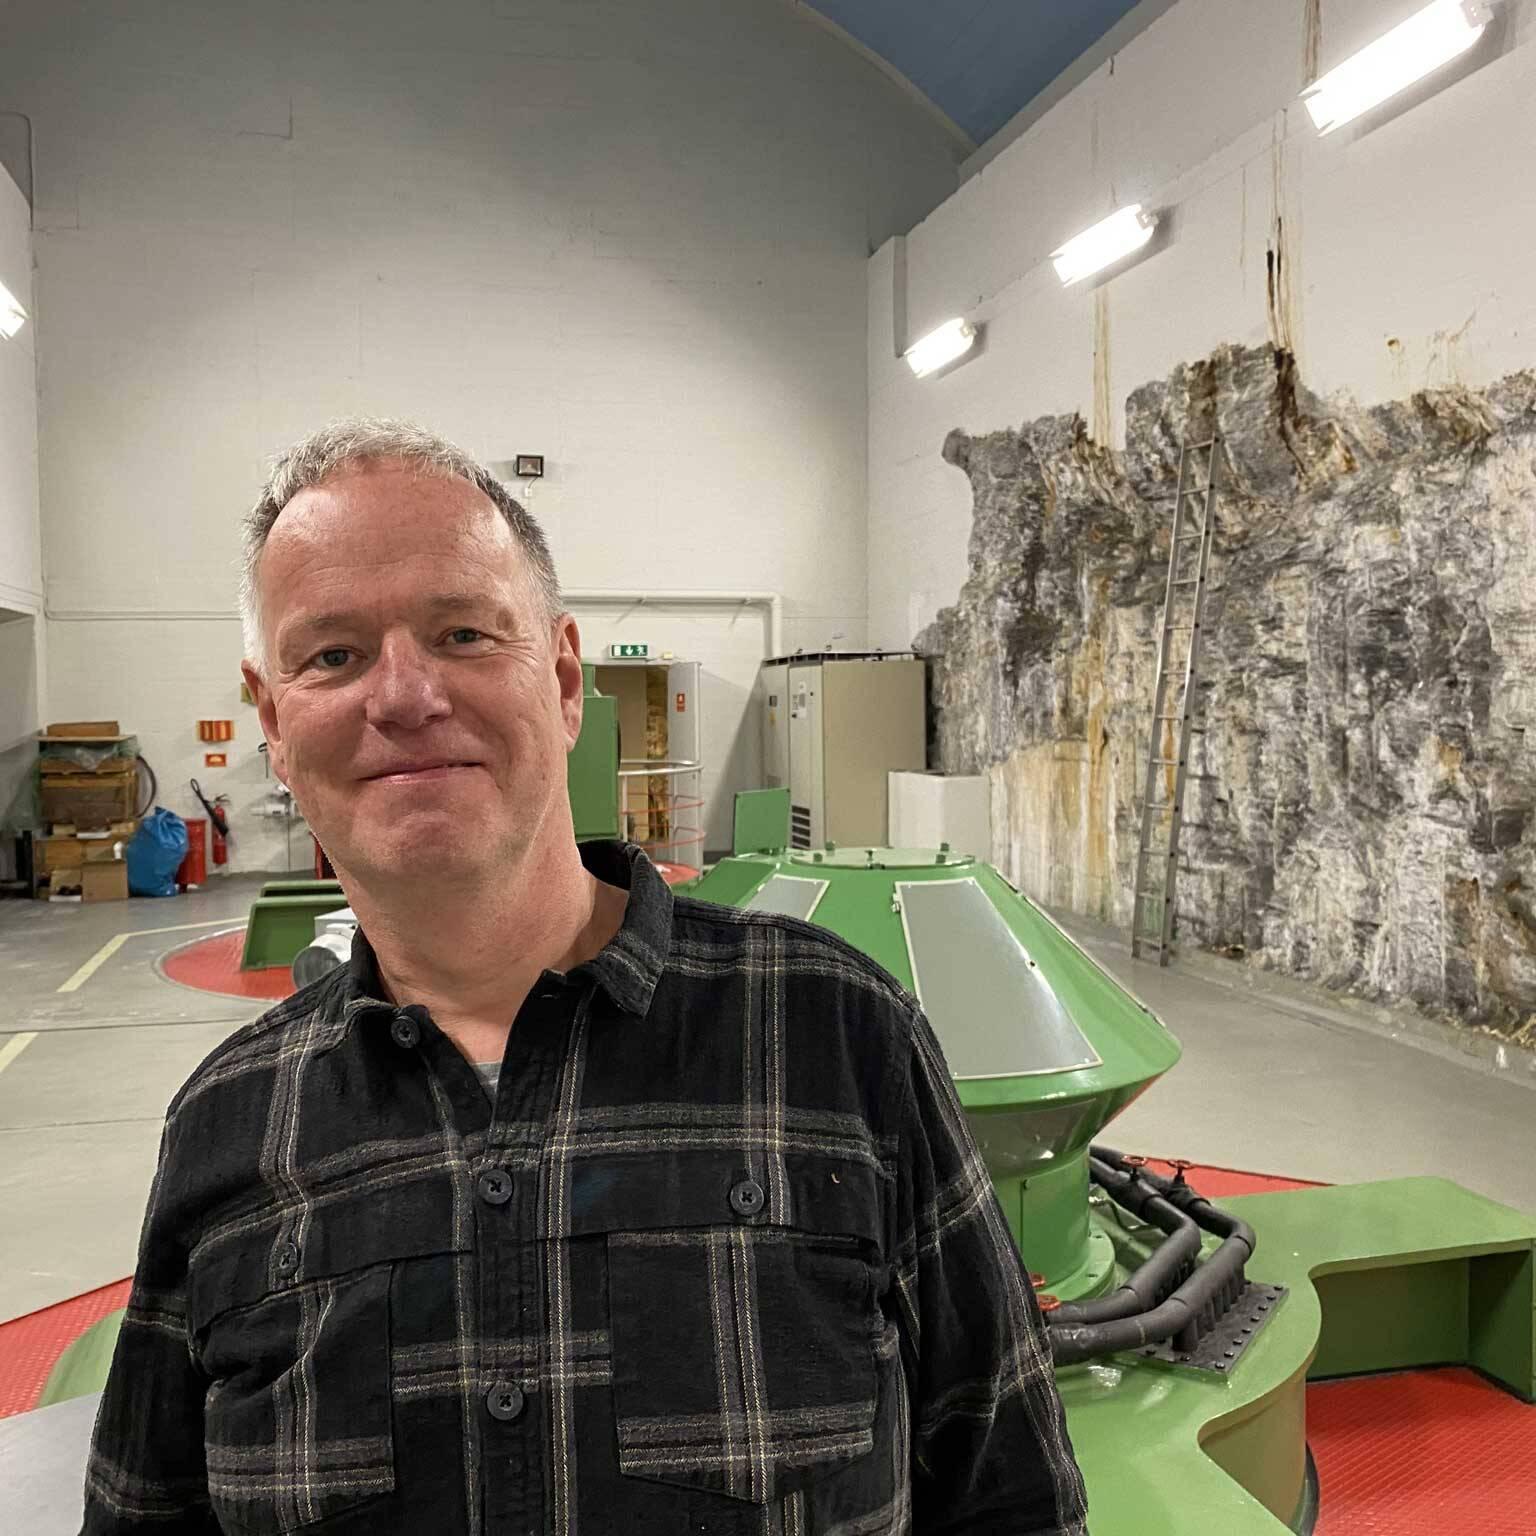 Kraftsenter: Olav Vehusheia kan smile over produksjonen fra Kuråsfossen. Vannstrømmen gjennom turbinene sørger for en årlig produksjon på mellom 60 og 70 GWh. Foto: Ren Røros